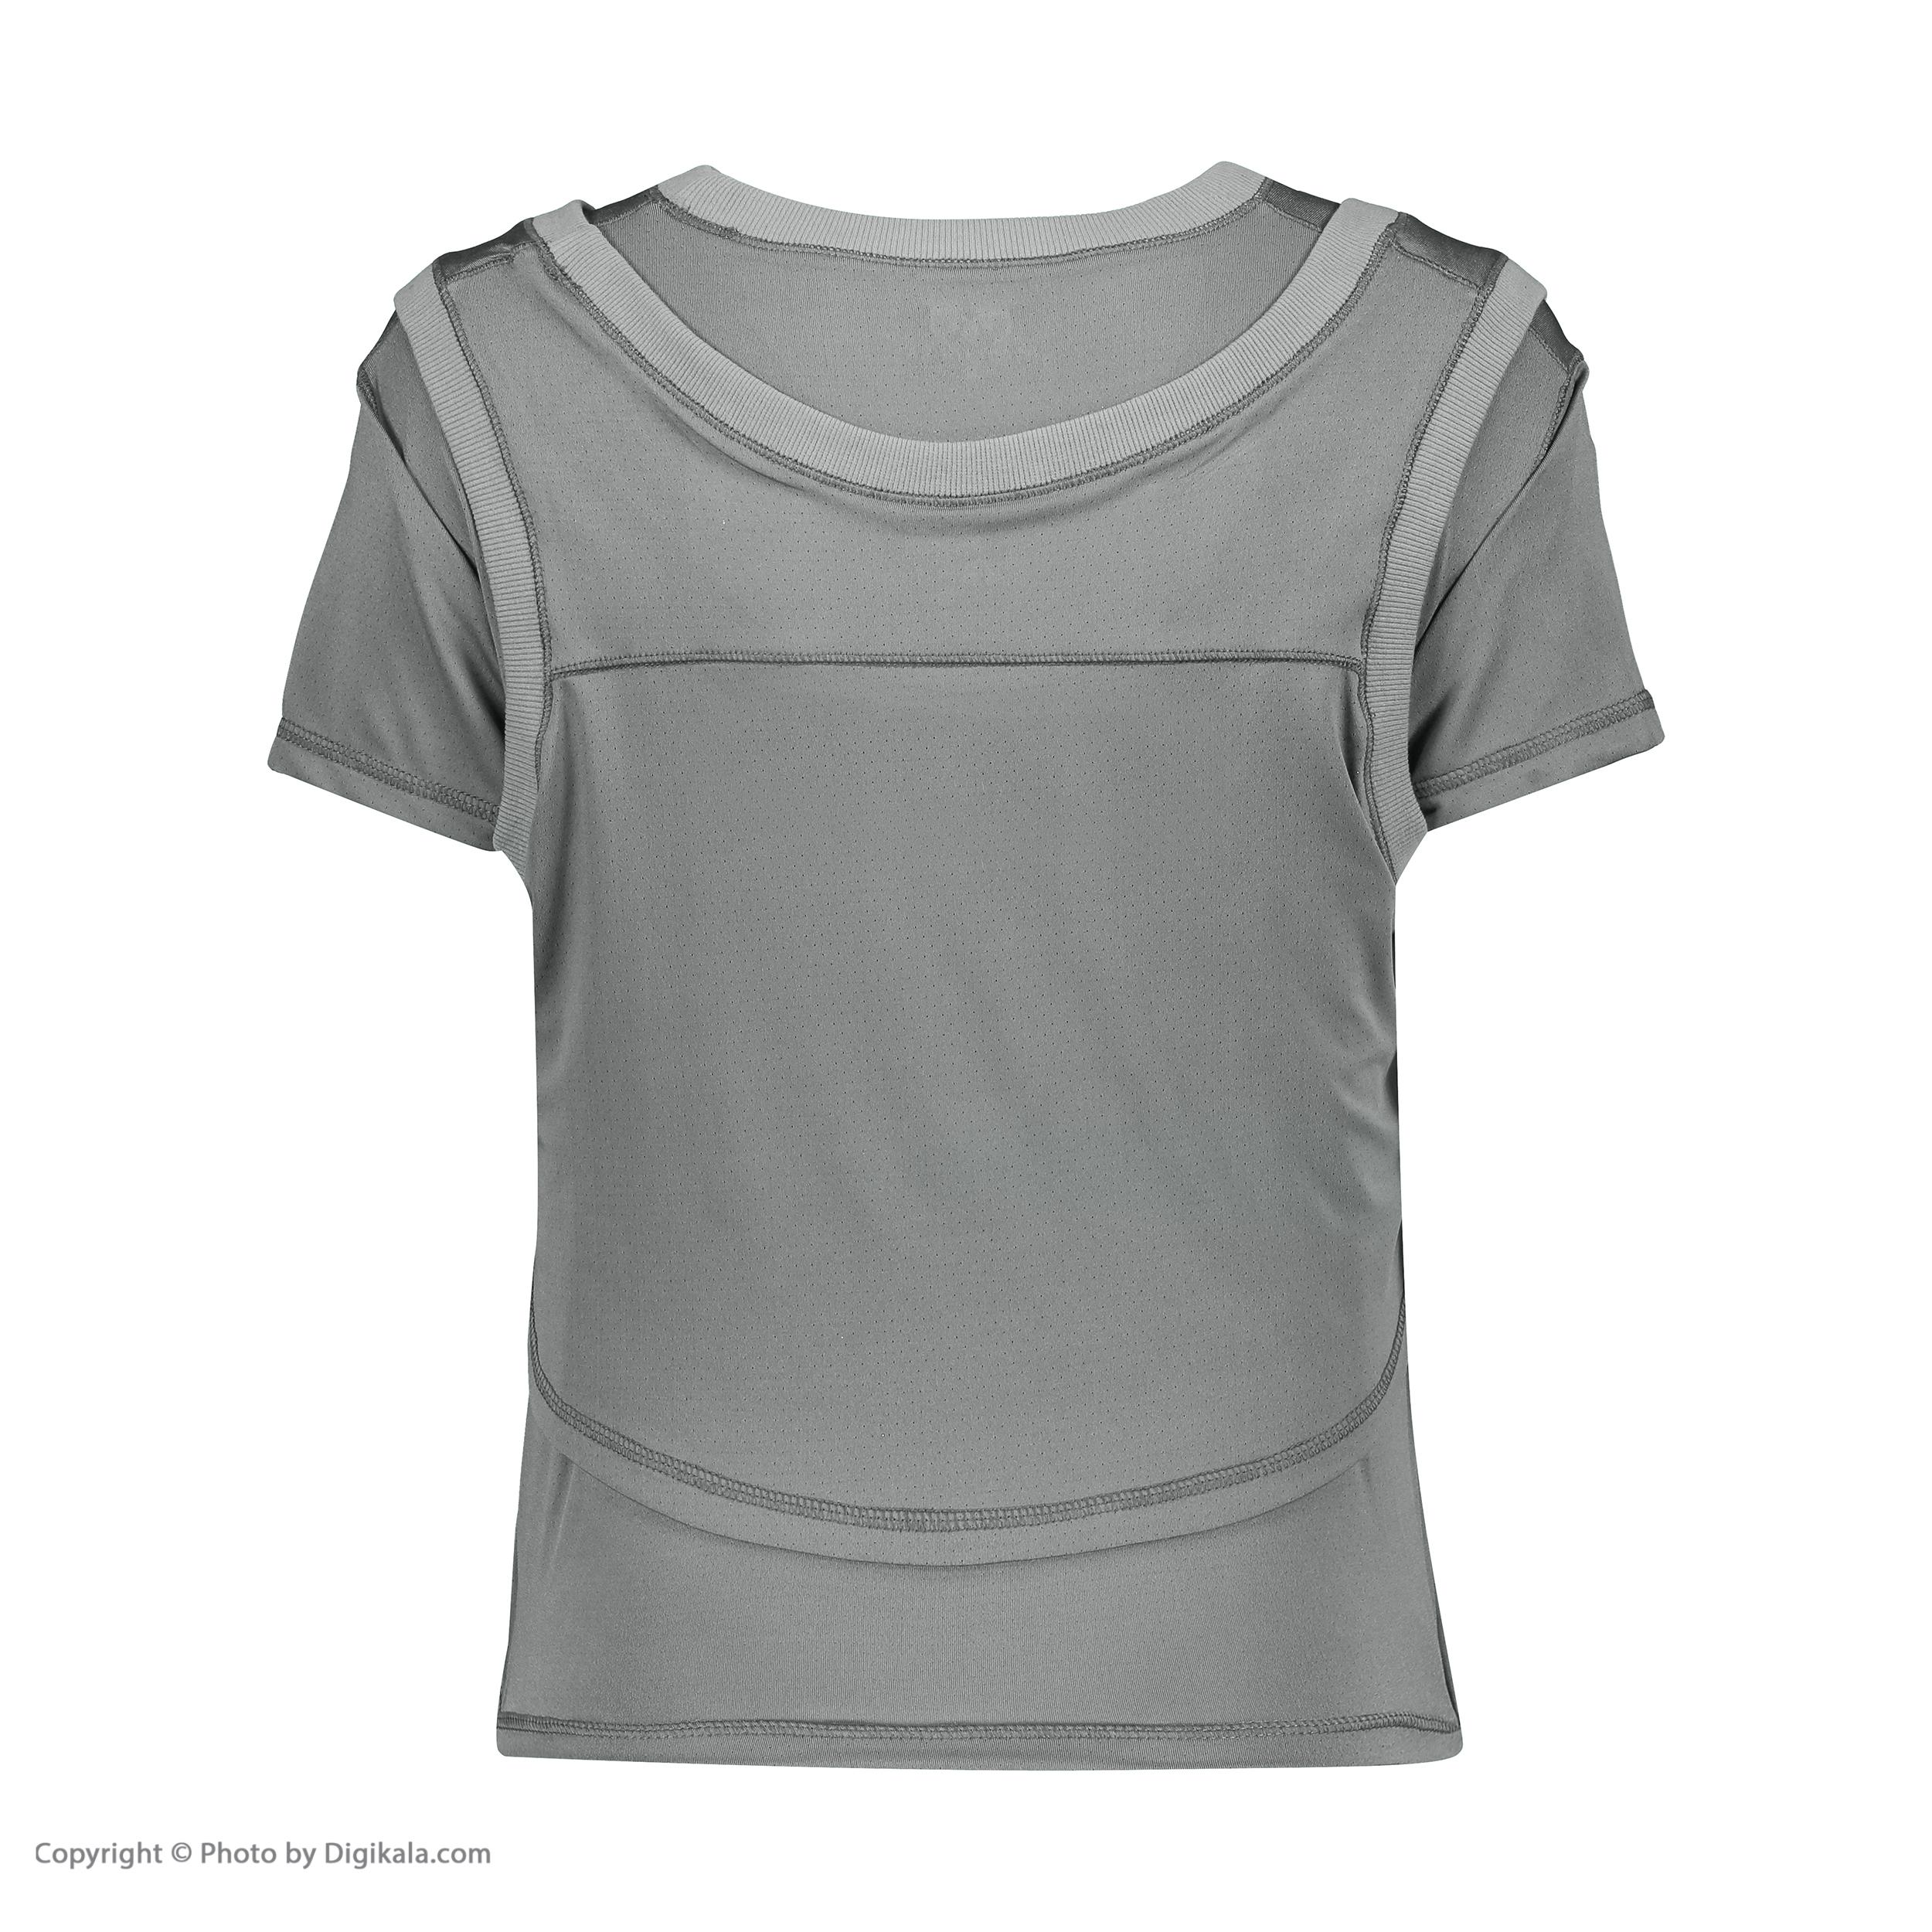 تی شرت ورزشی زنانه مون مدل 1631351-95